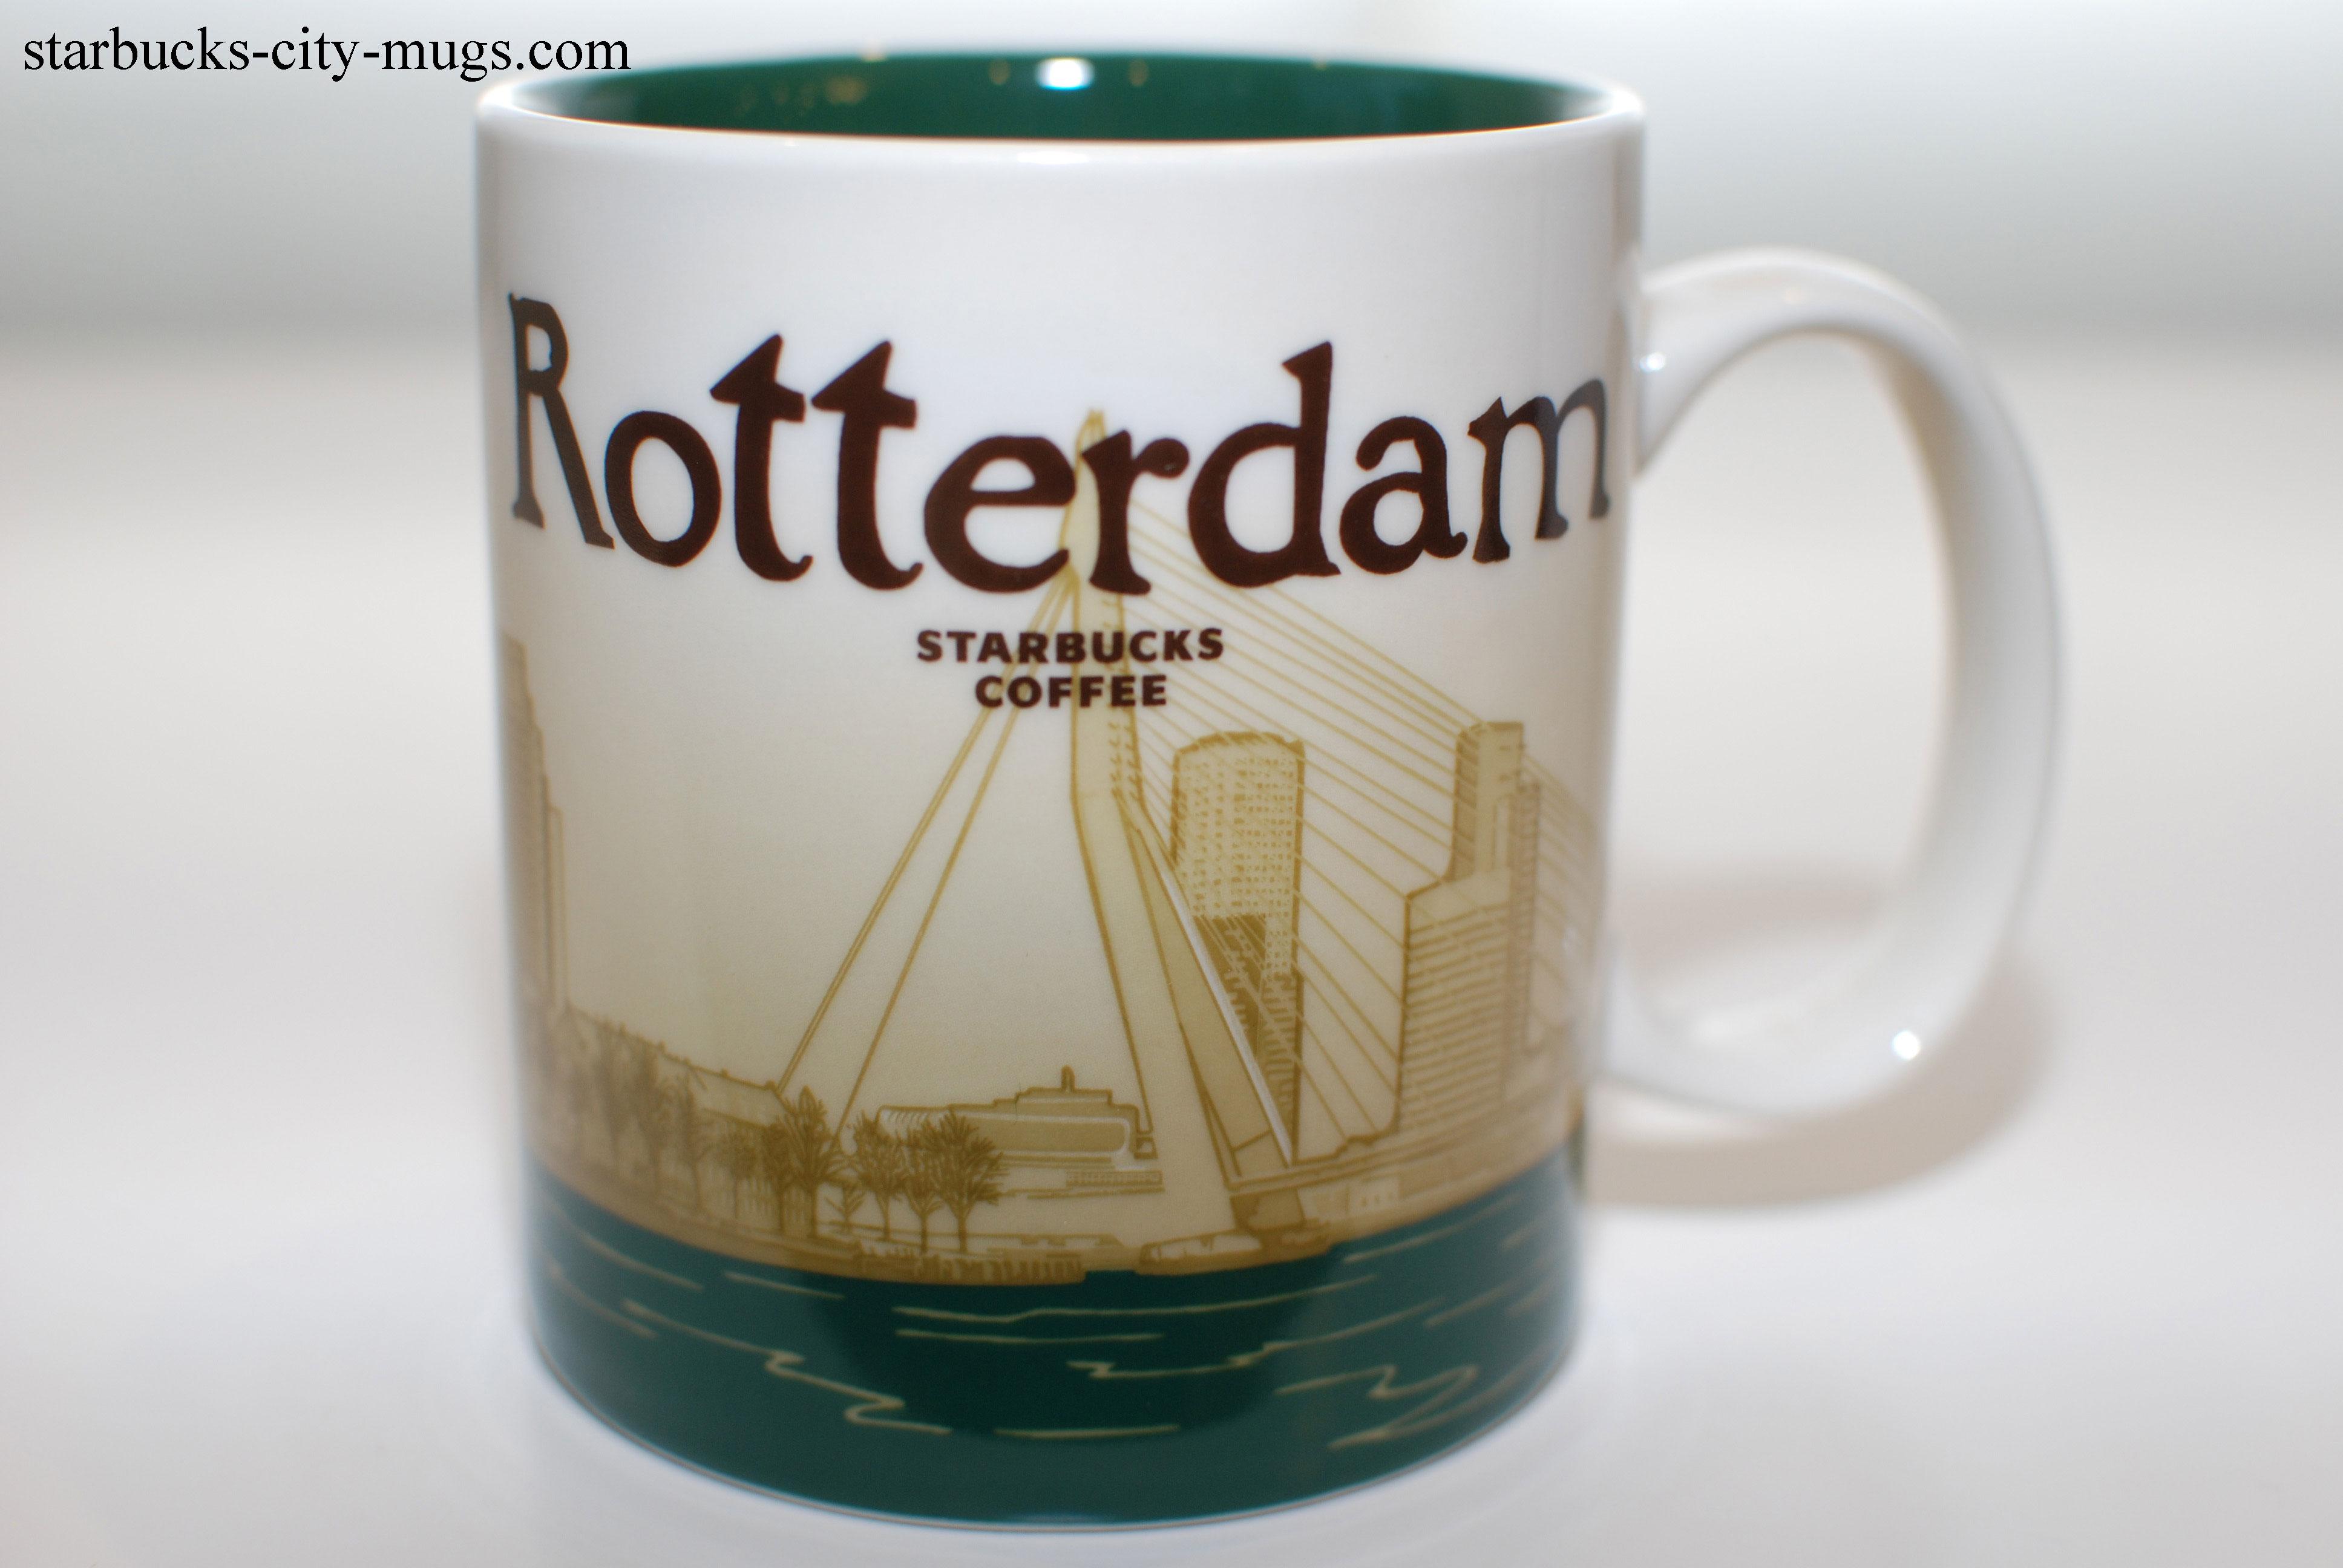 Rotterdam Starbucks City Mugs